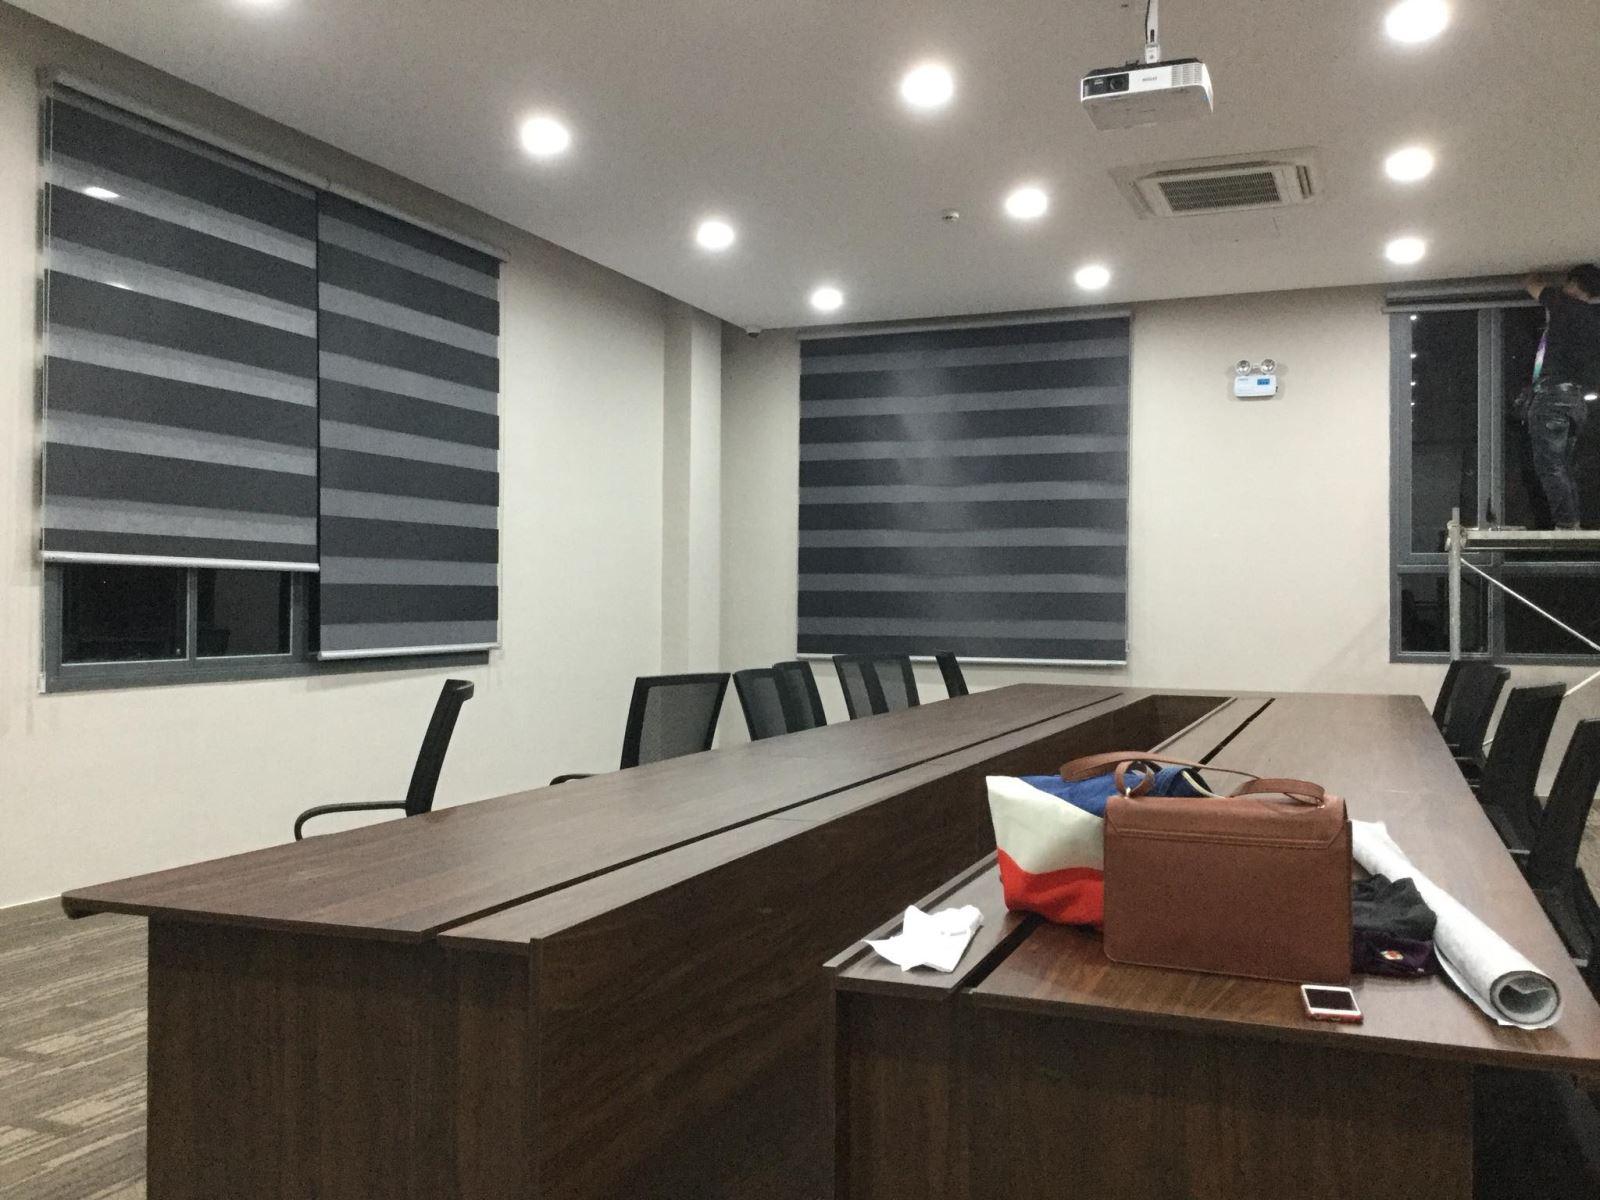 Cung Cấp rèm văn phòng tại phường Kim Giang quận Thanh Xuân 0975765295